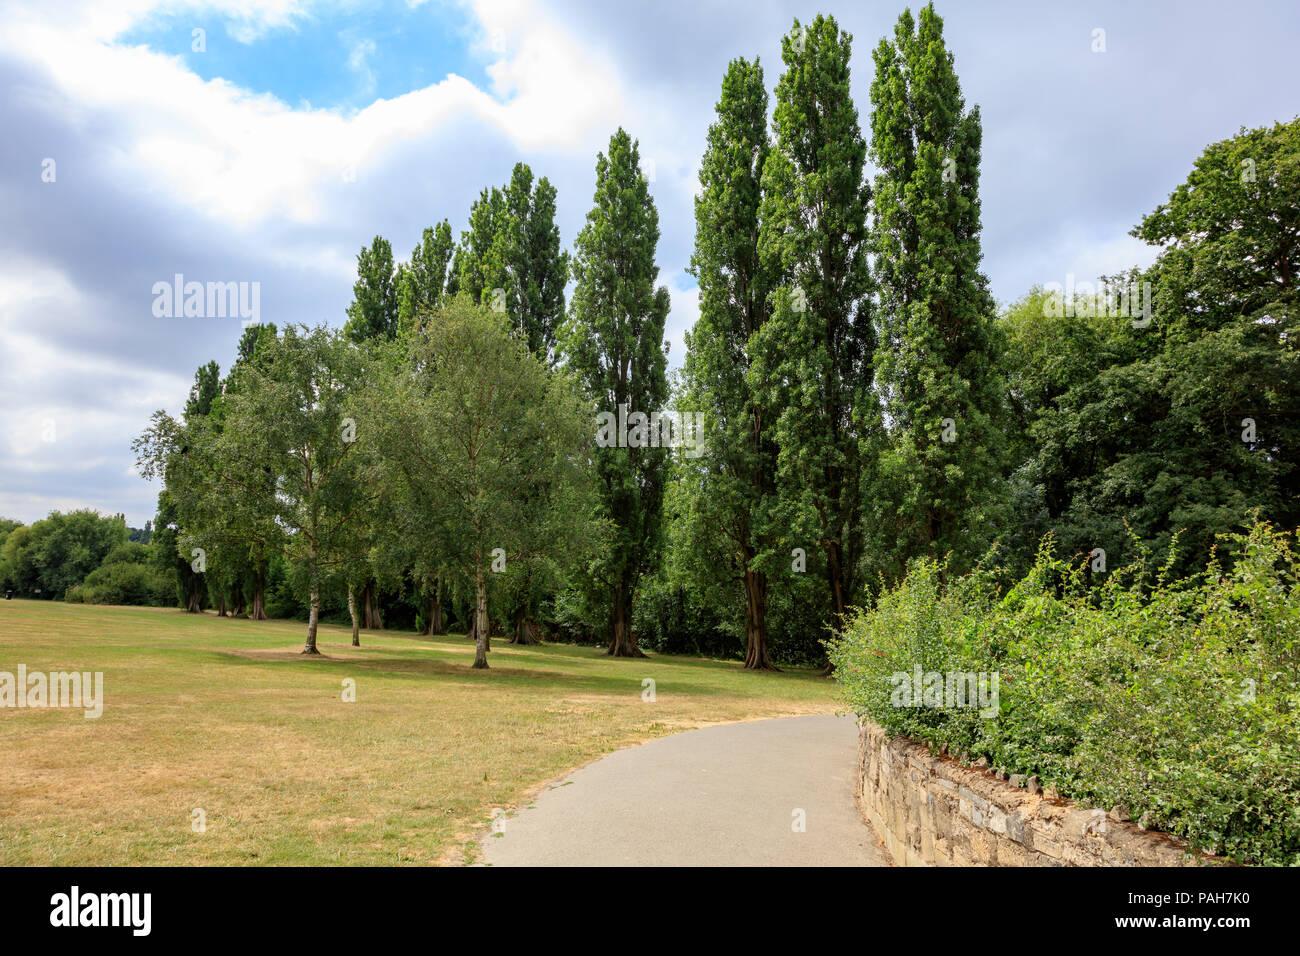 Una calda estate in Danson Park, Bexleyheath, London, Regno Unito Immagini Stock